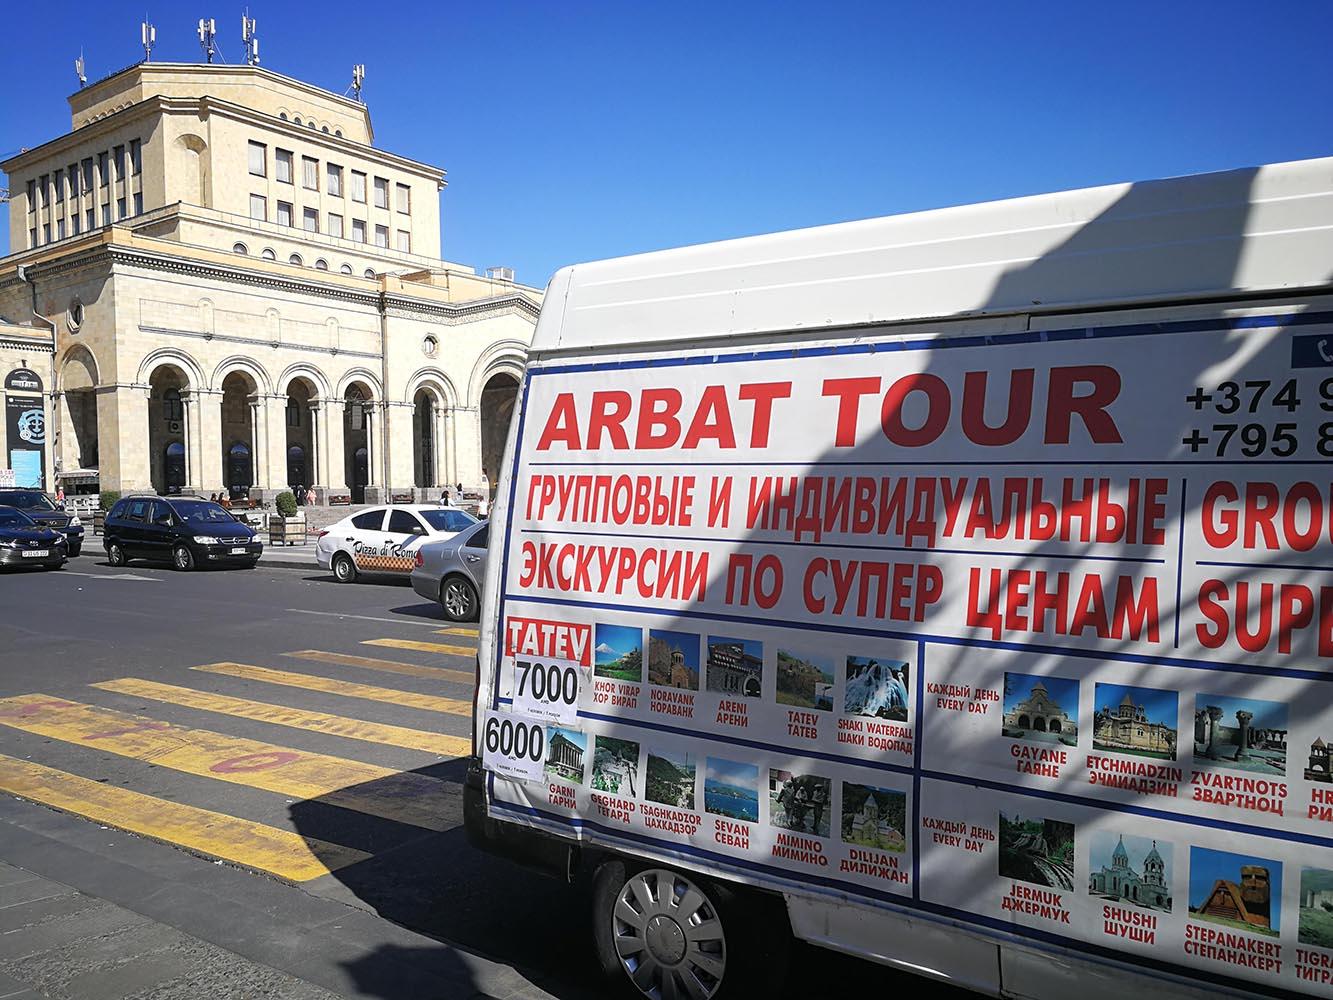 arbat tour organizzato